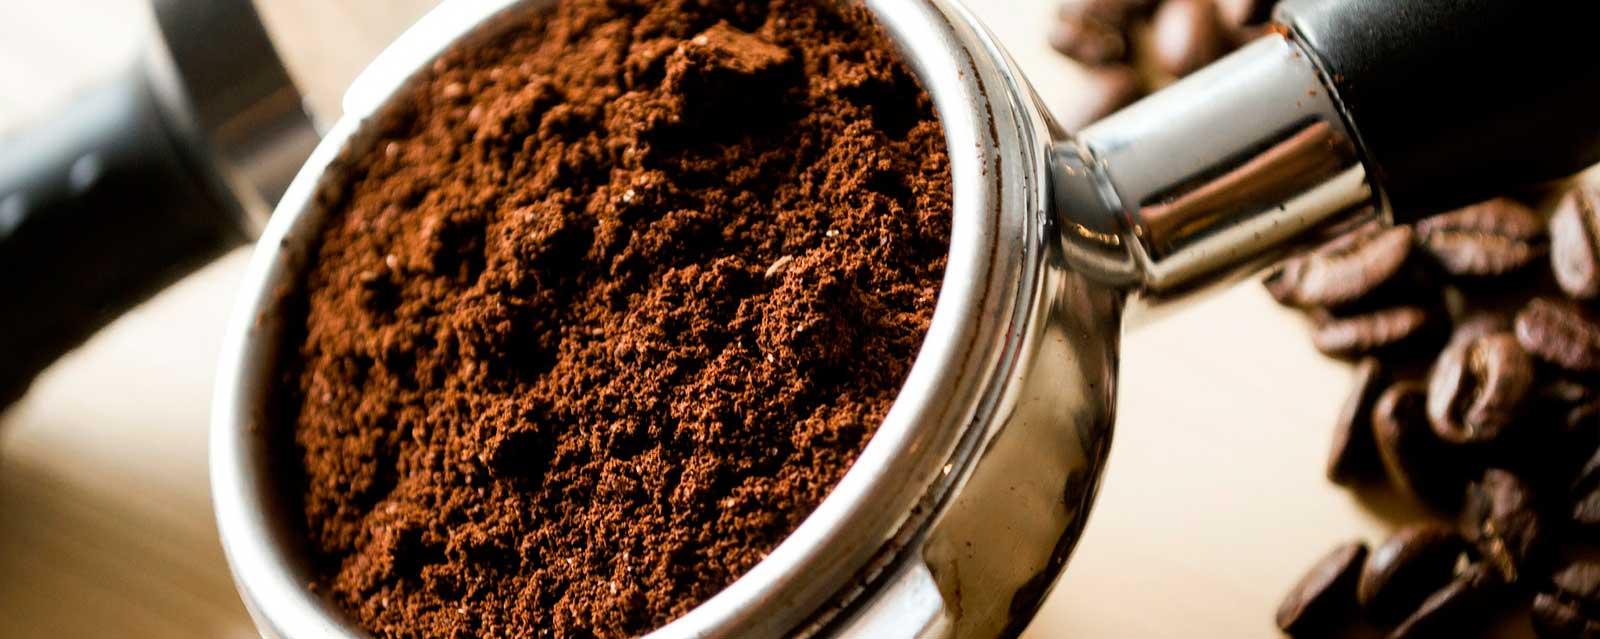 ¿Sabías que el café mejora la resistencia física? - Ignifits